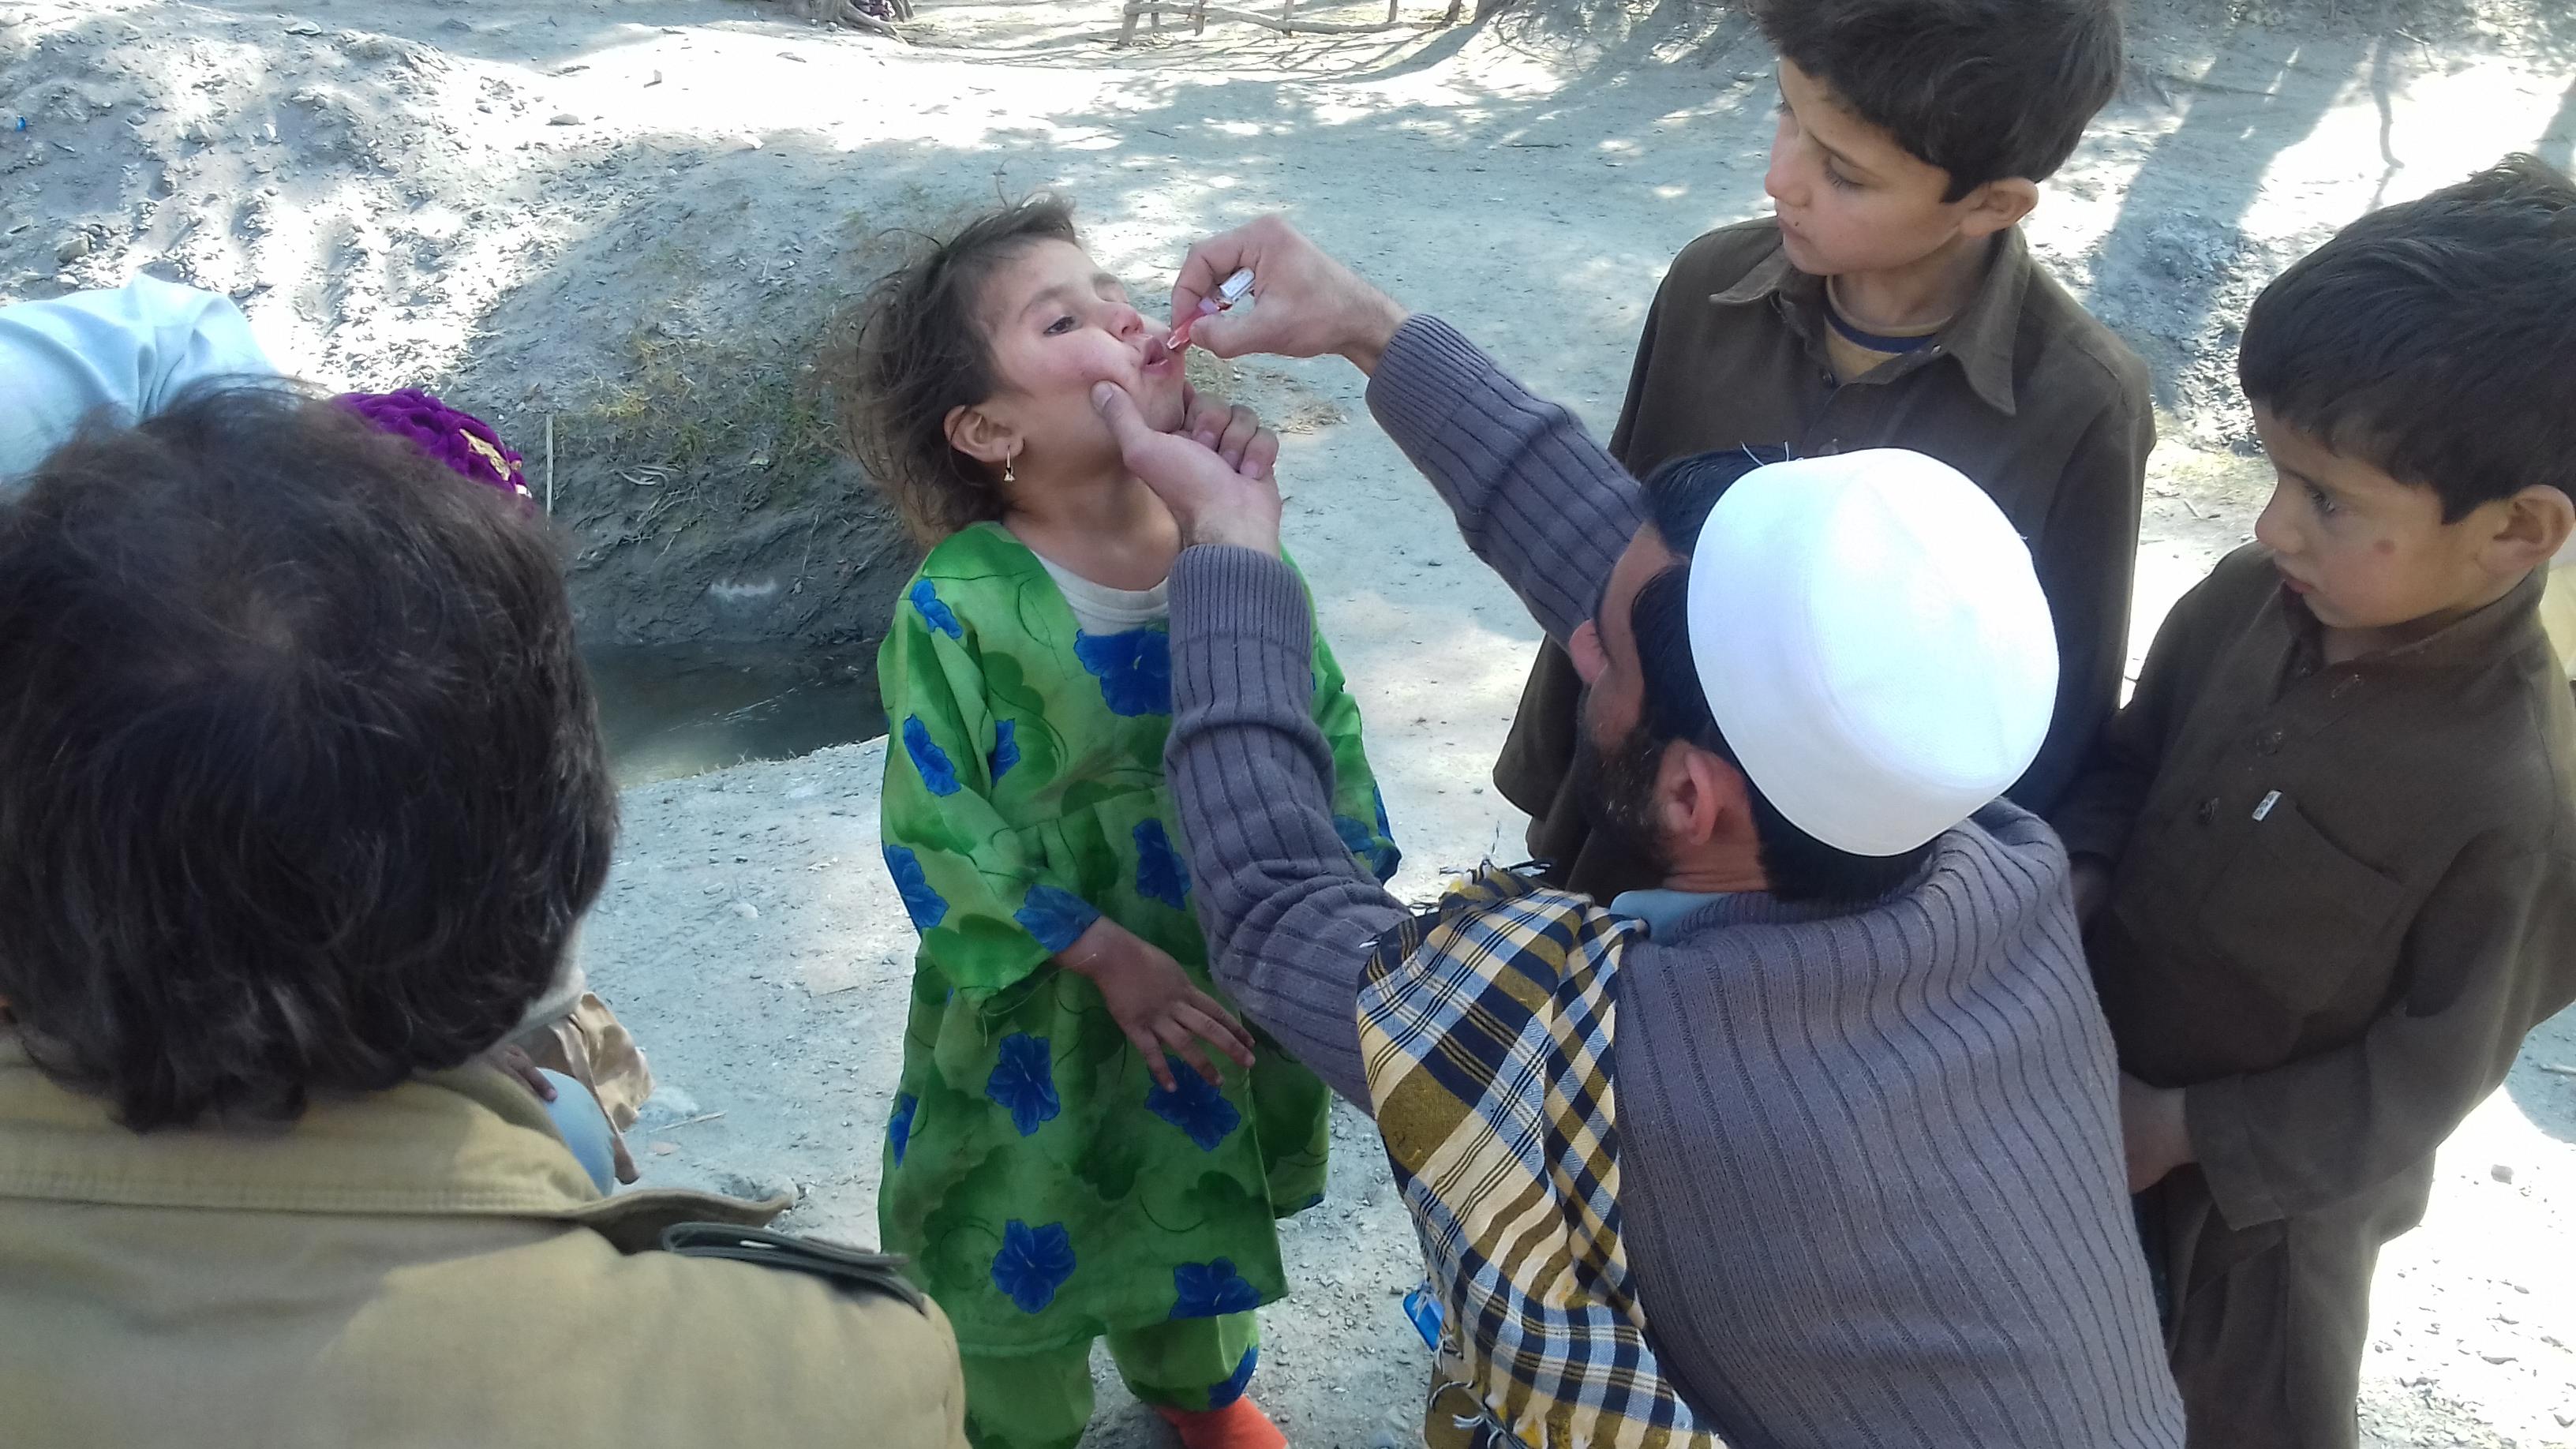 پاکستانیوں نے طالبان کی طرف سے پولیو کے قطرے پلانے والوں کو ہلاک کرنے کی مذمت کی ہے